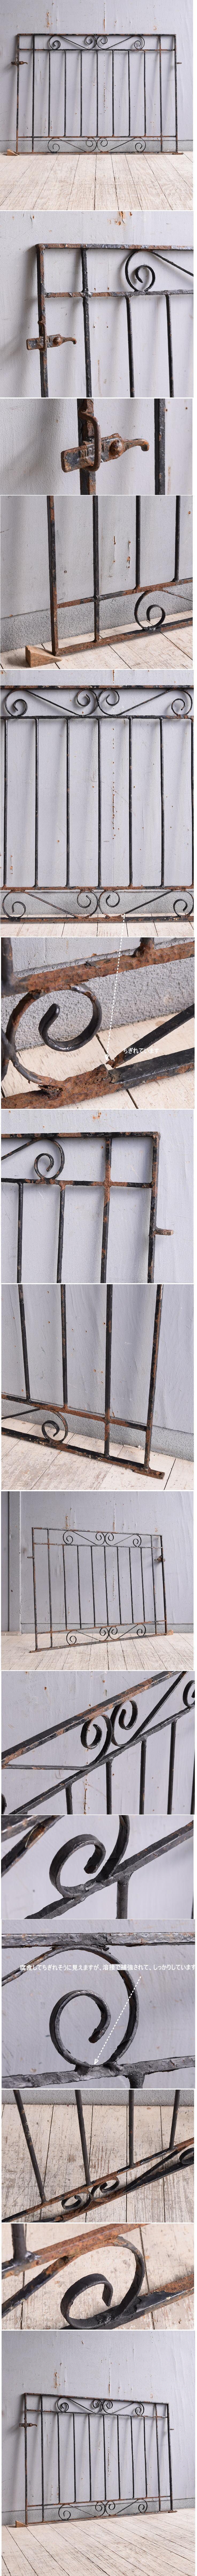 イギリスアンティーク アイアンフェンス ゲート柵 ガーデニング 9962